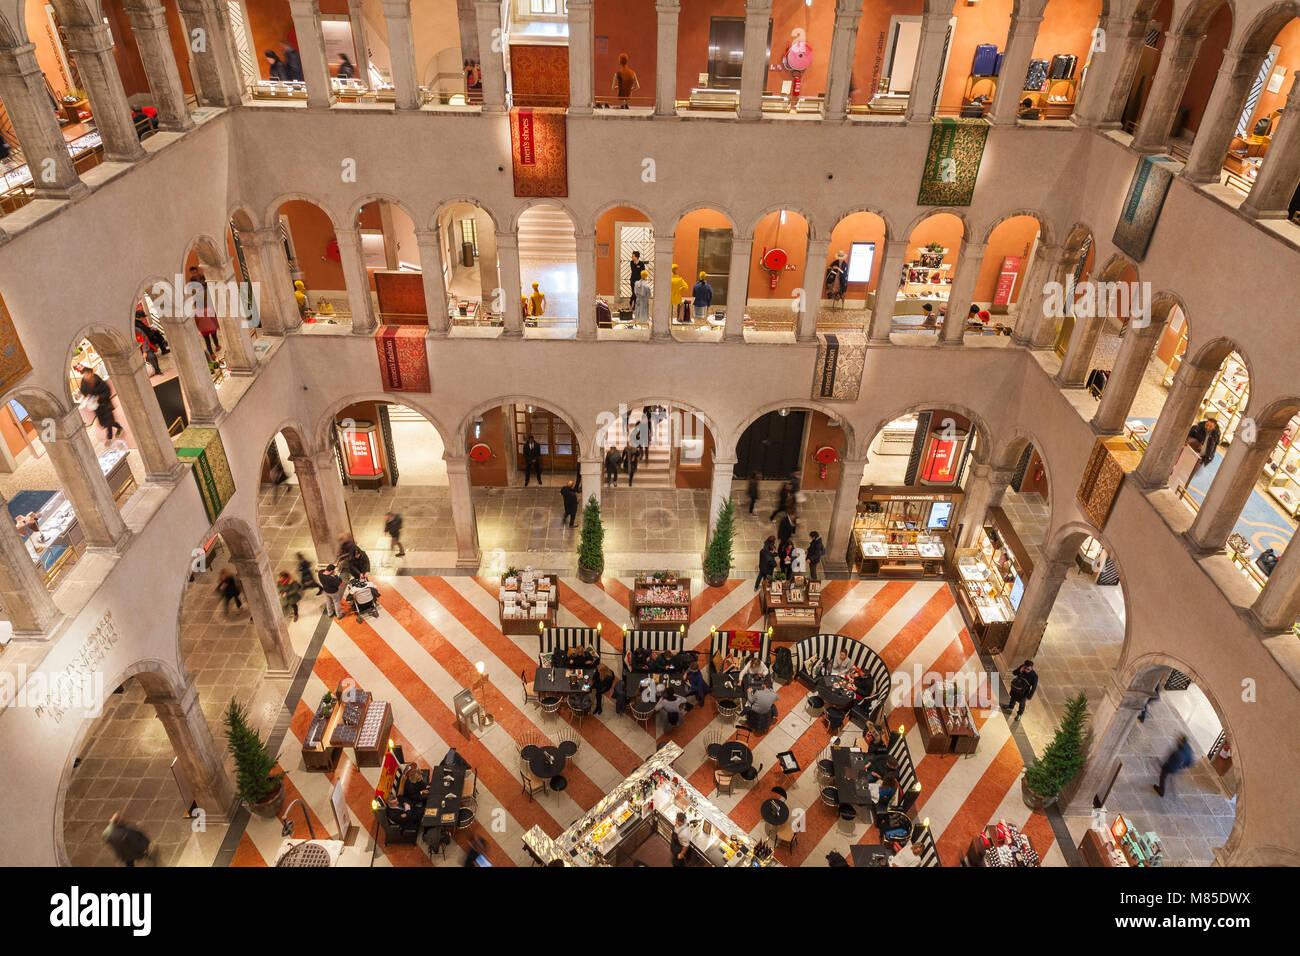 T Fondaco dei Tedeschi intérieur, San Marco, Venise, Vénétie, Italie. Ce magasin de luxe est situé Photo Stock